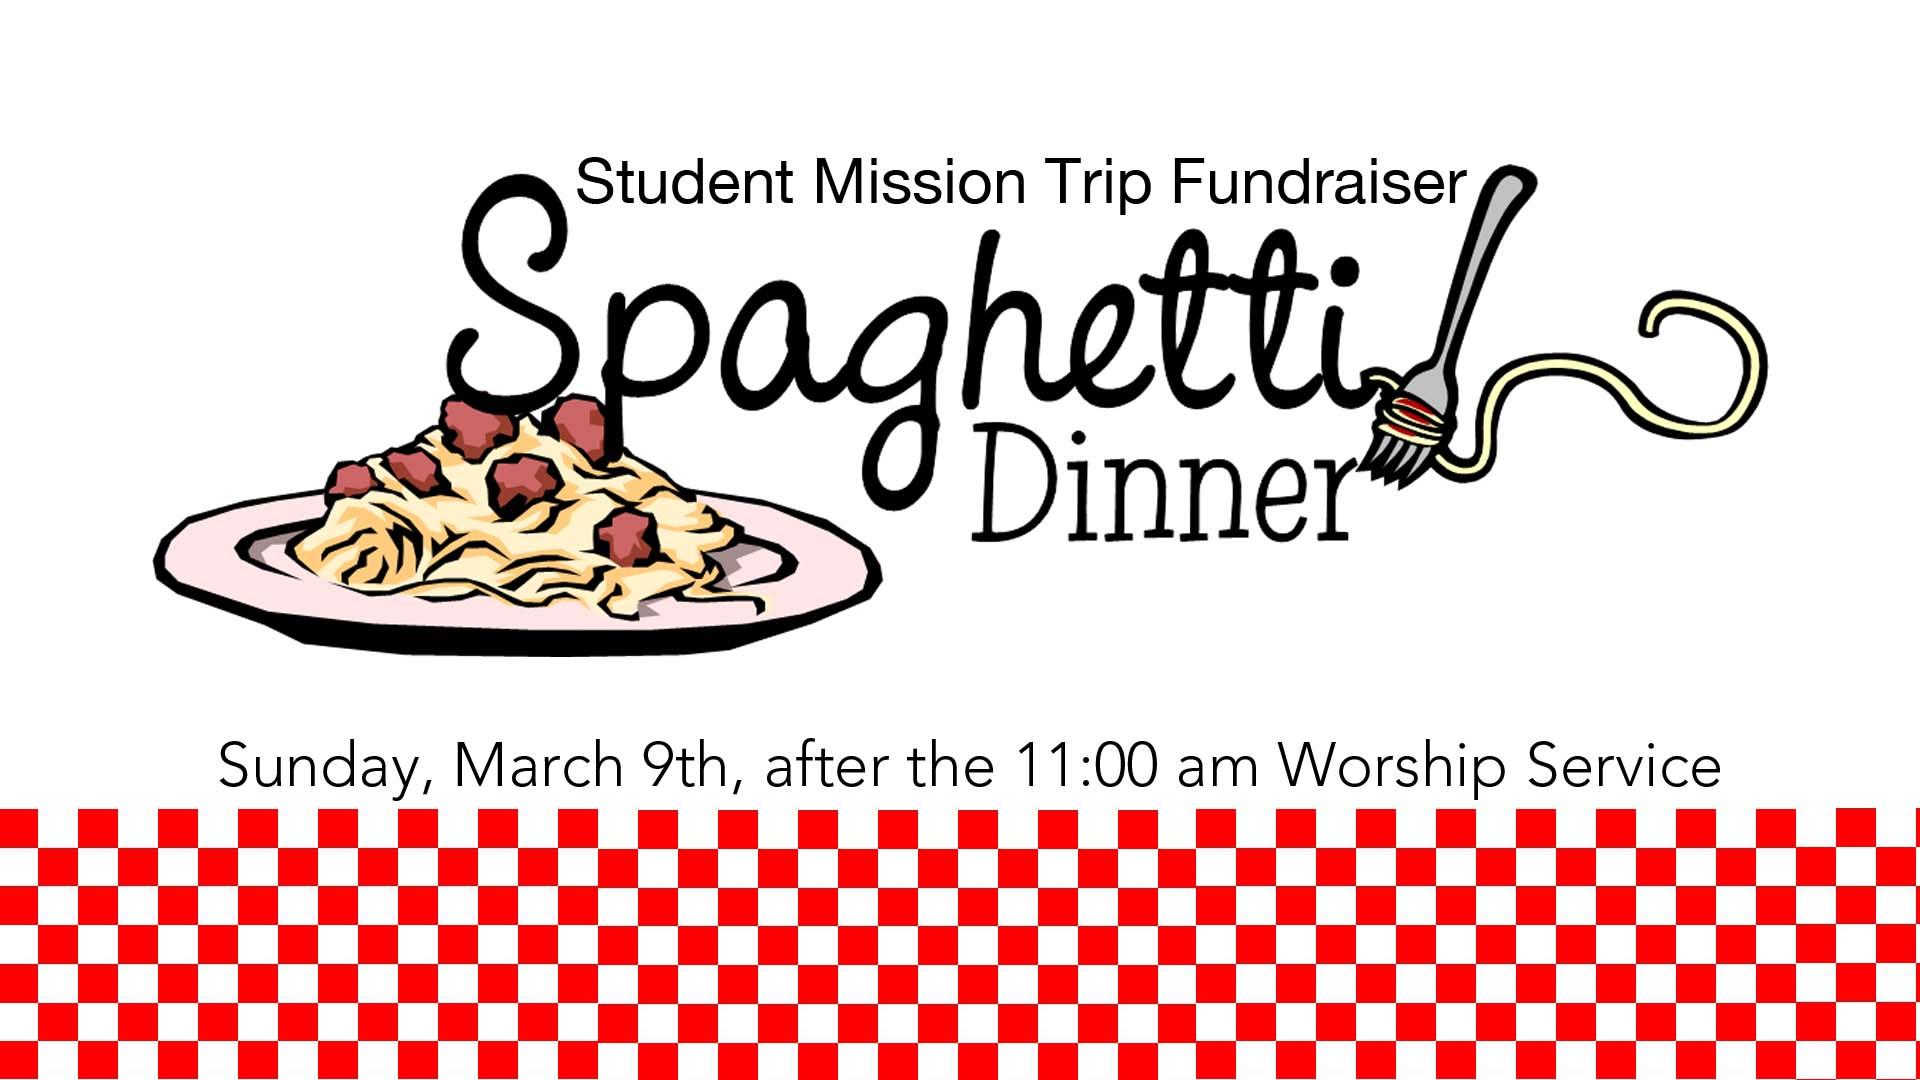 Spaghetti Dinner Fundraiser-Spaghetti Dinner Fundraiser-14